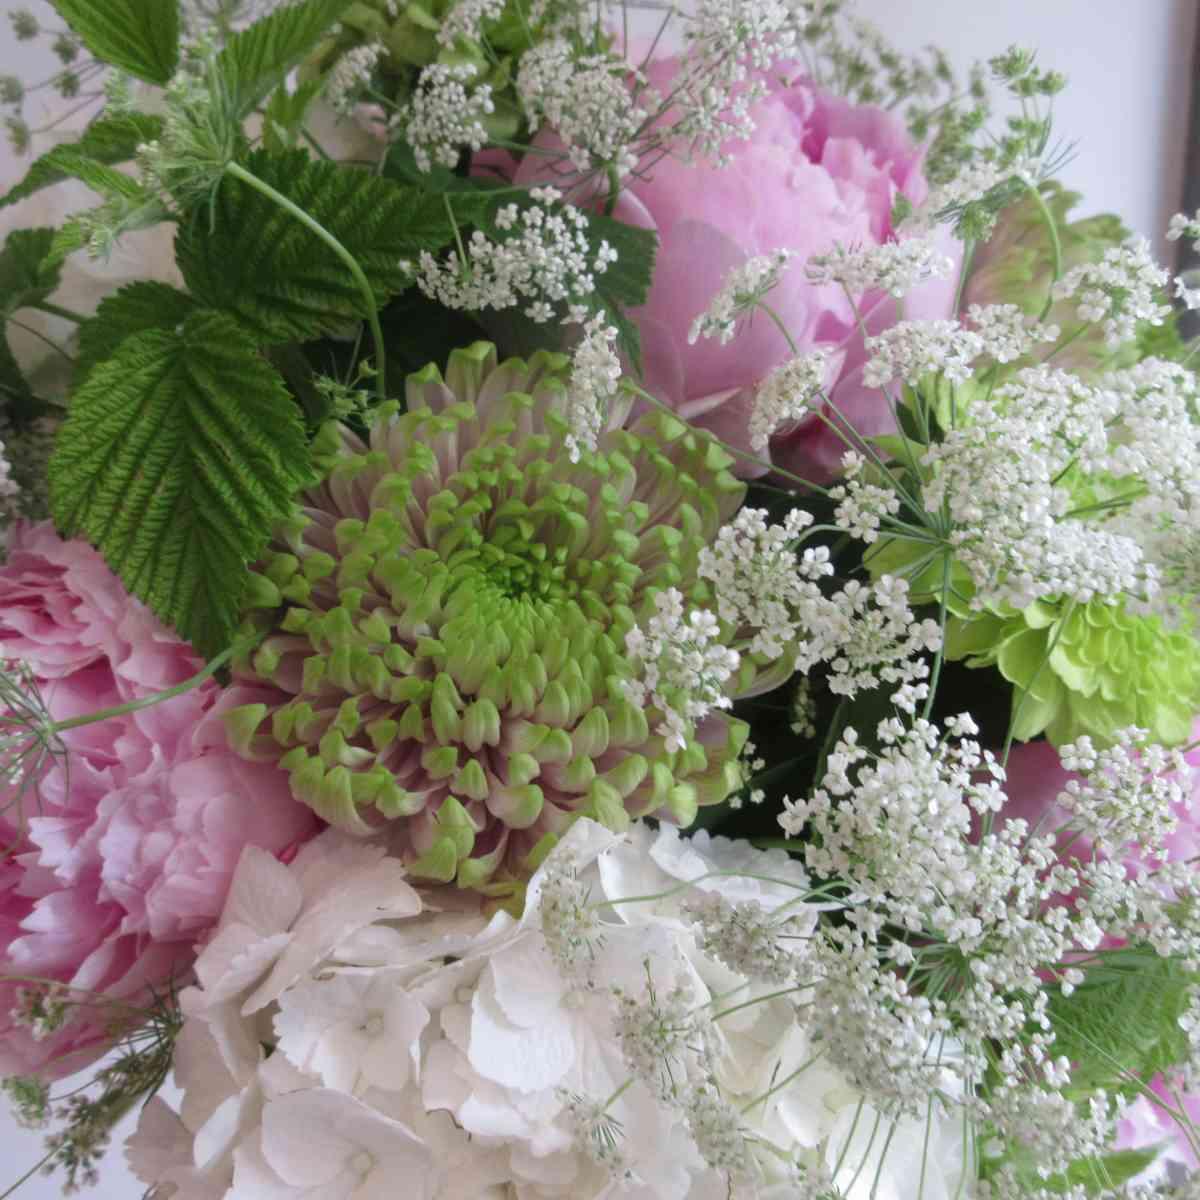 35 Décoration florale pour des évènements (mariage, anniversaire, etc.) | Aux Quatre Saisons à Boissy-Saint-Léger